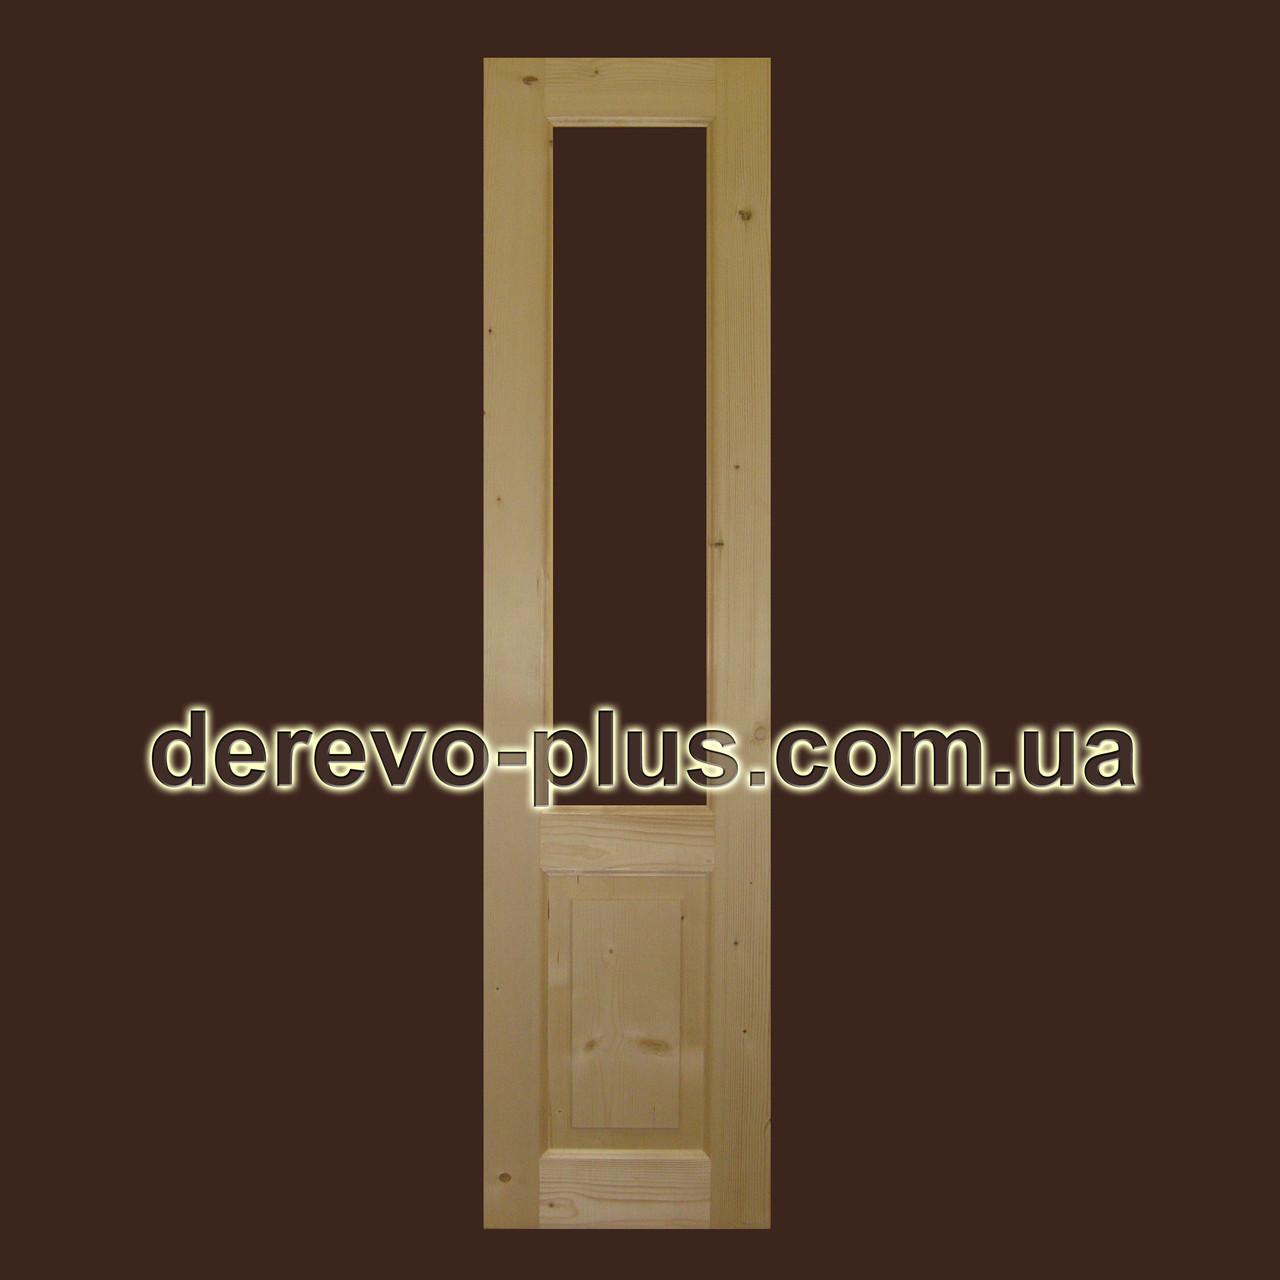 Двери из массива дерева 50см (скло) s_0150 - Дерево Плюс в Черновицкой области